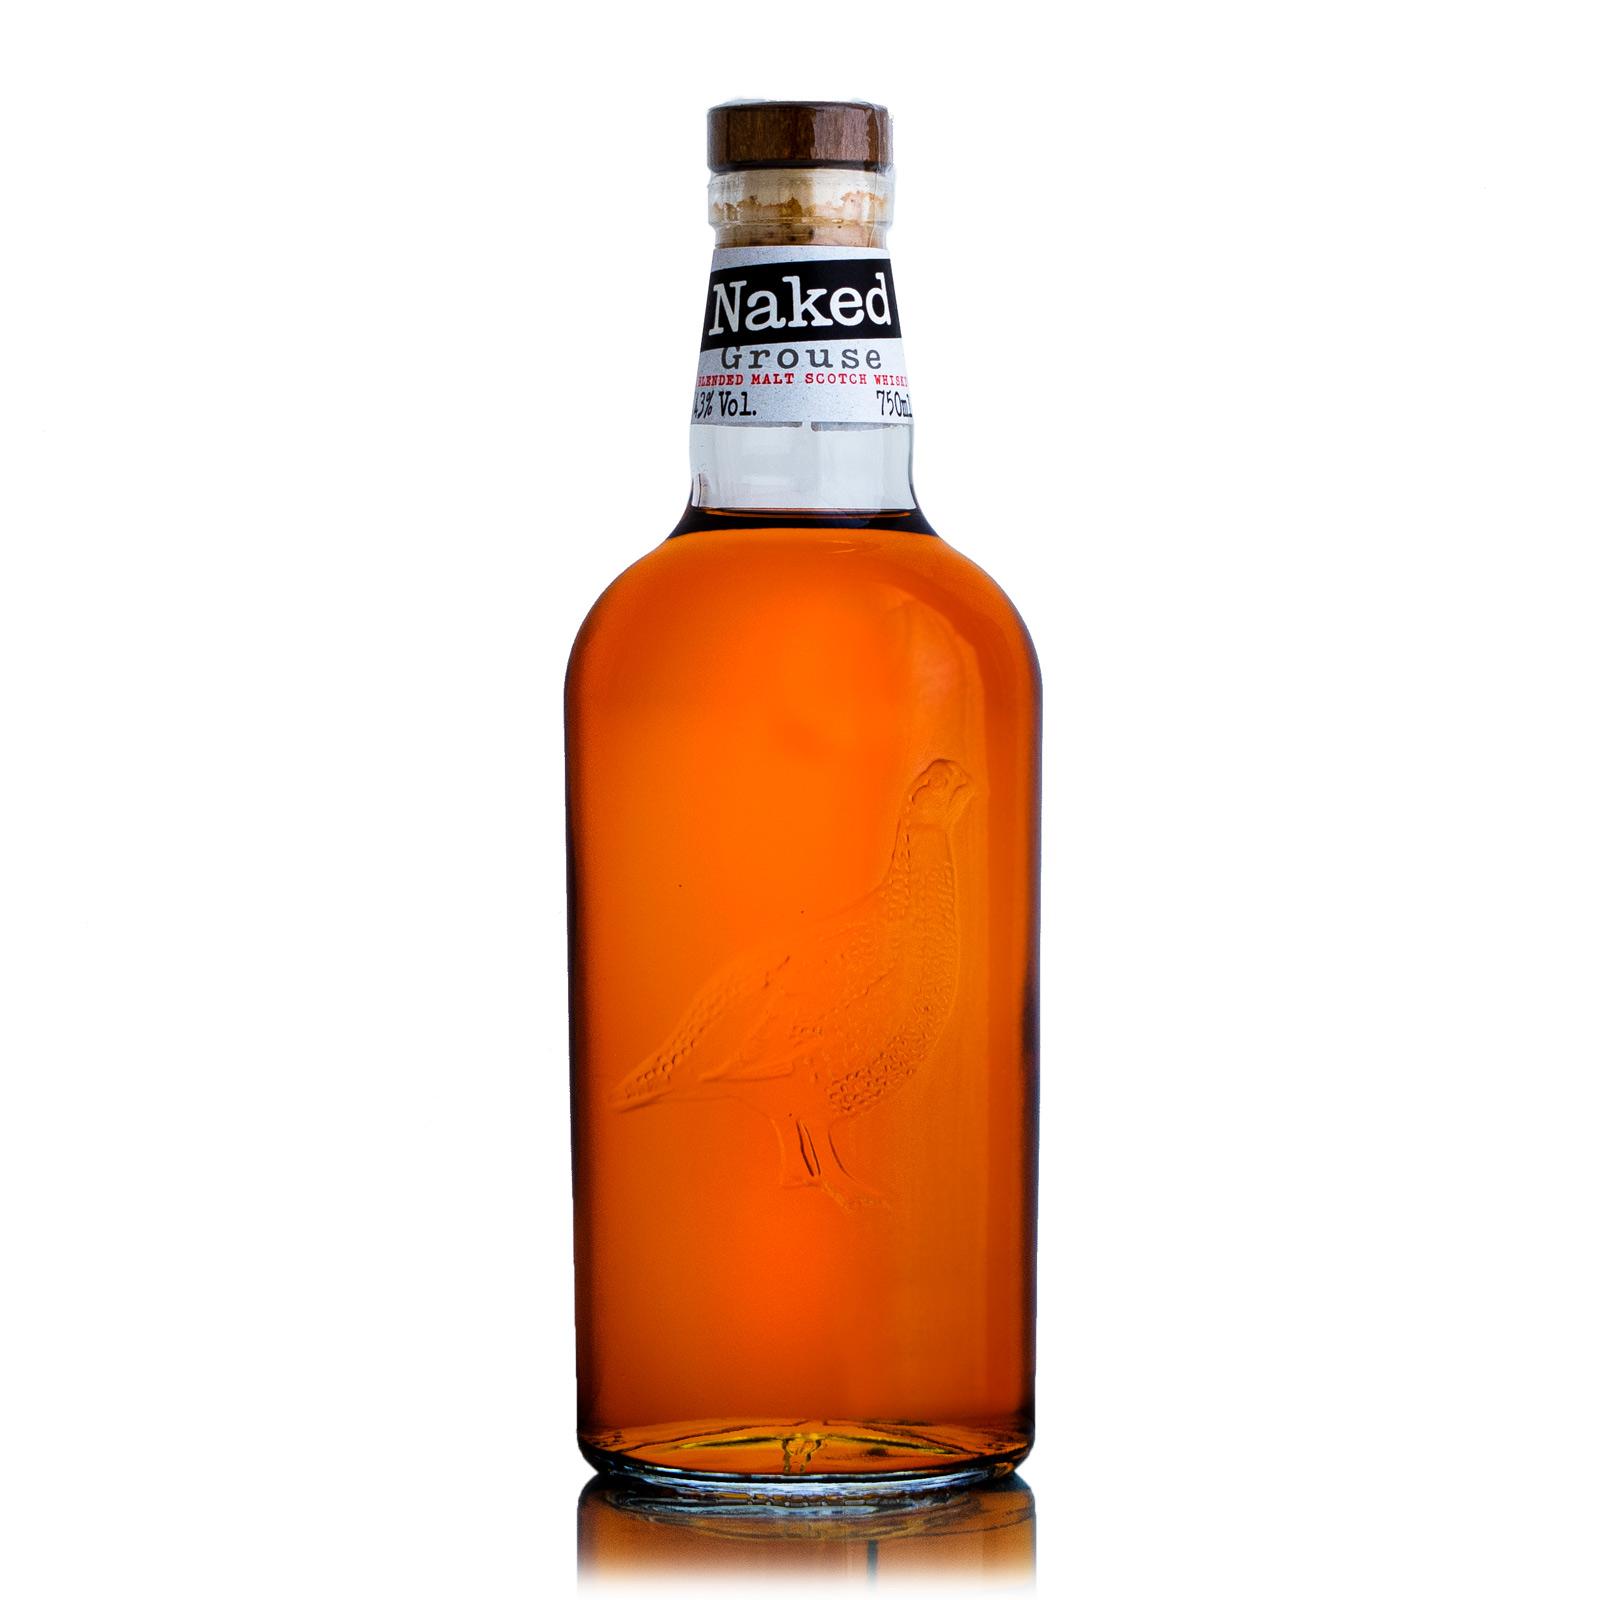 Naked Grouse Blended Malt Scotch Whisky Scotland Spirits